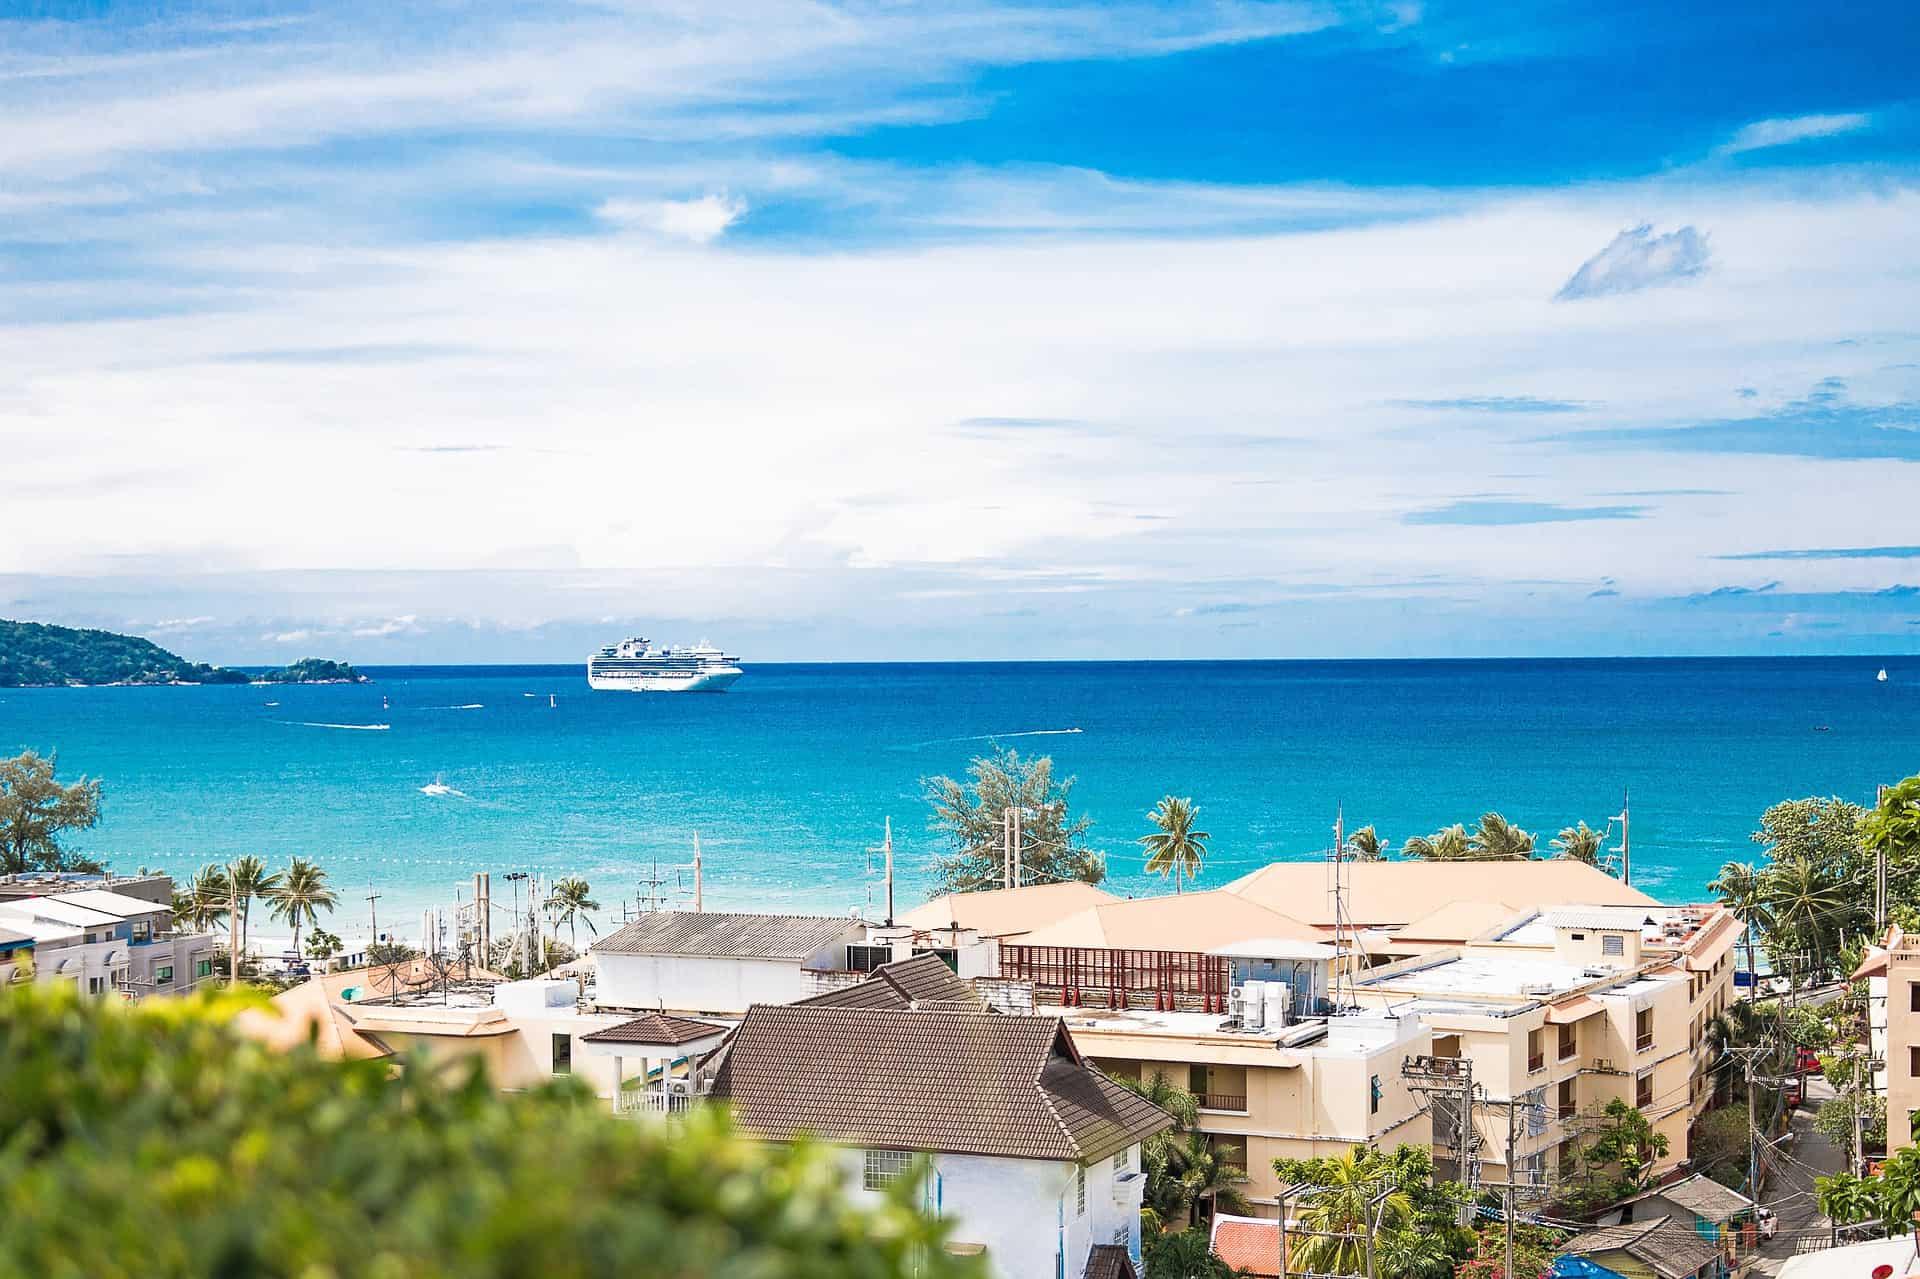 Kalim Beach Urlaub - Thailand 8 Nächte nur 646,42€ Phuket Pauschalreise